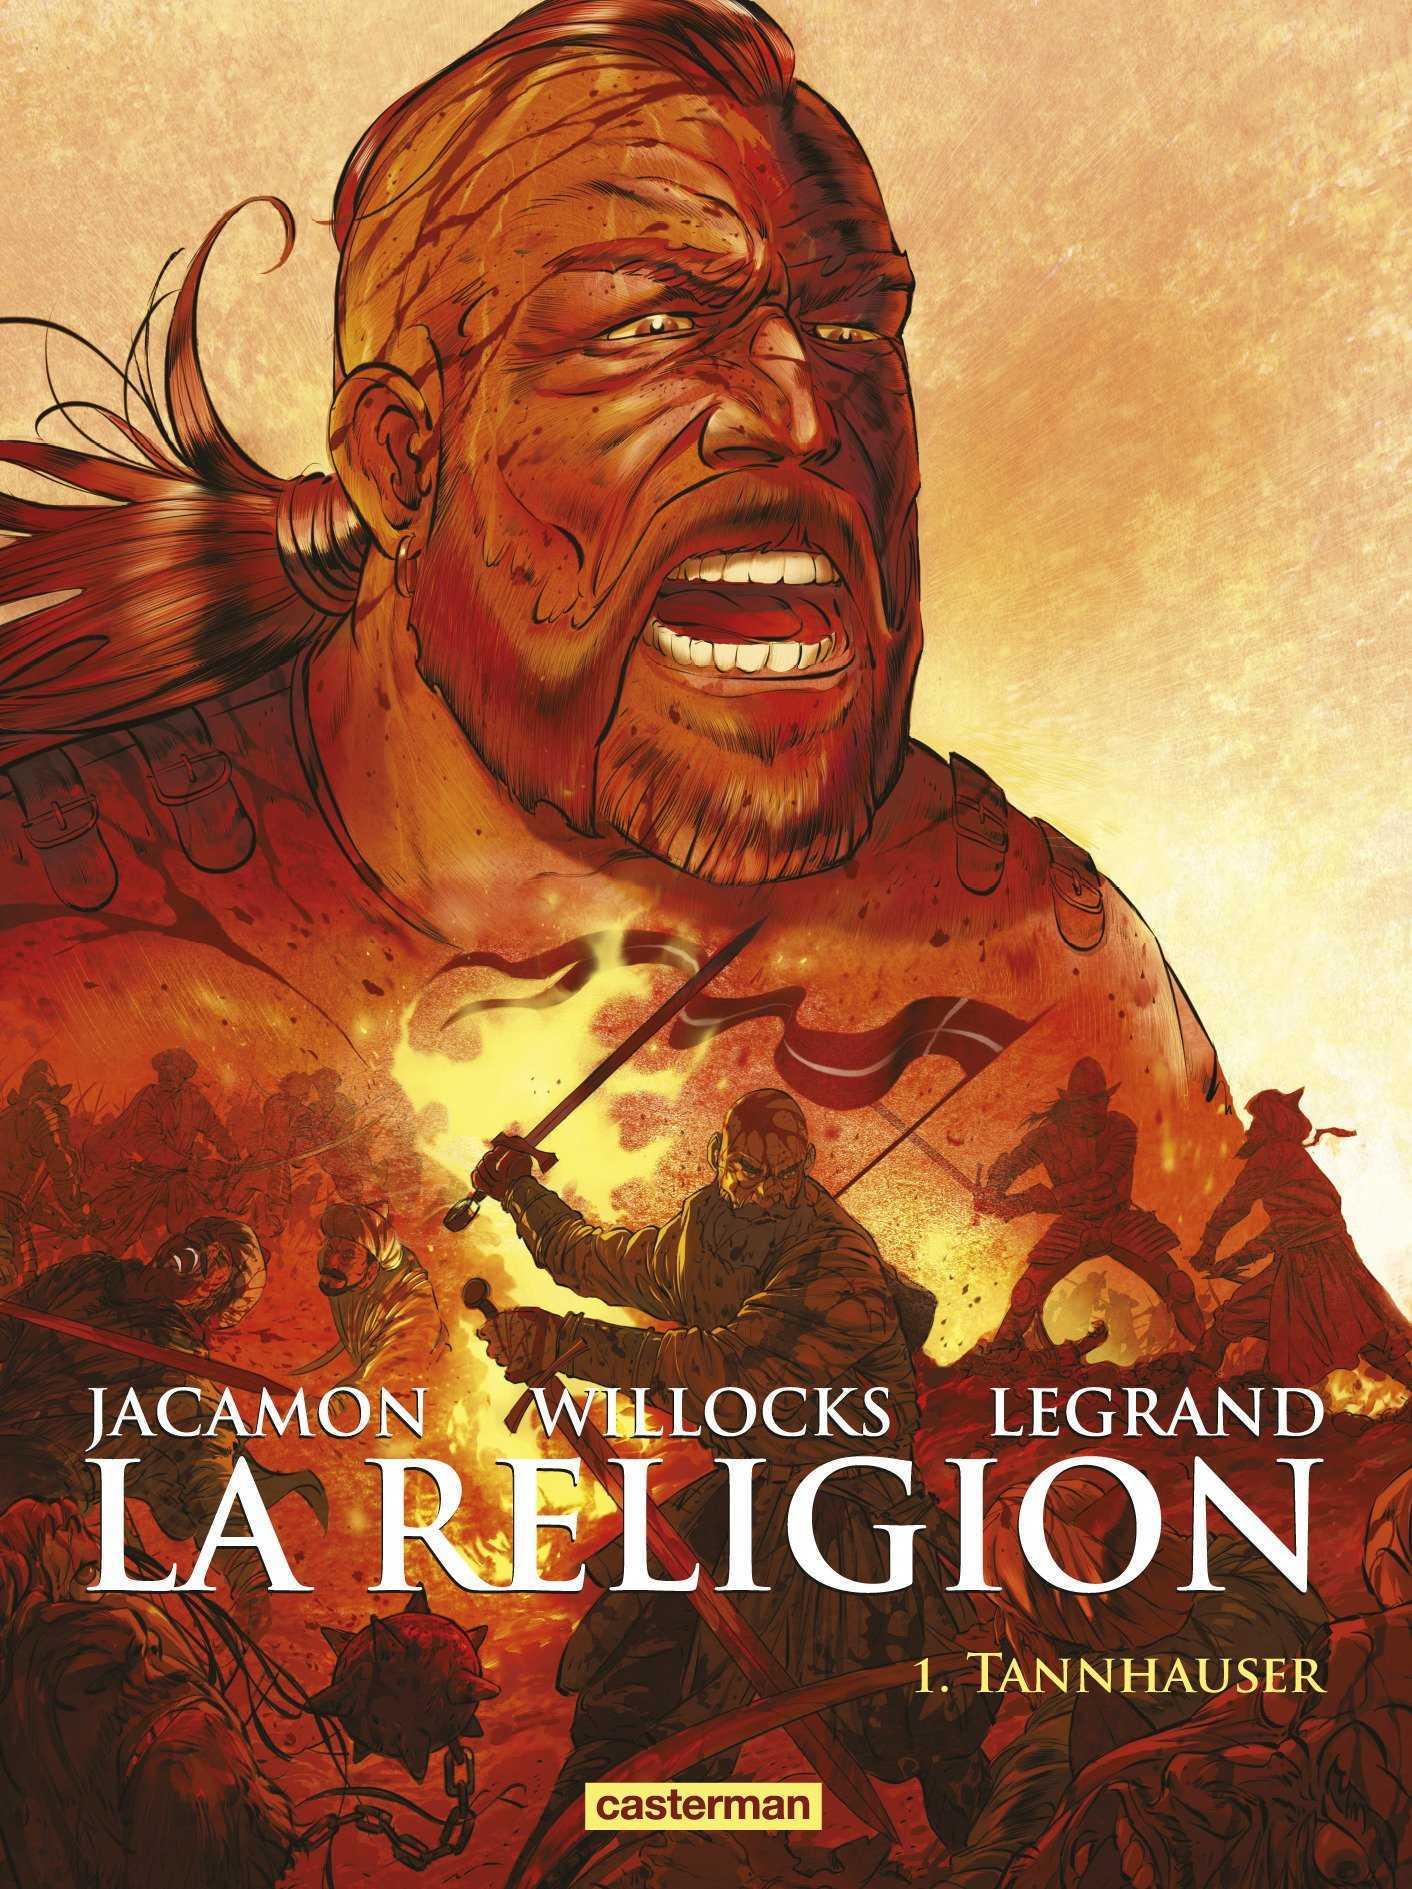 La Religion, une adaptation de Willocks avec Jacamon au dessin